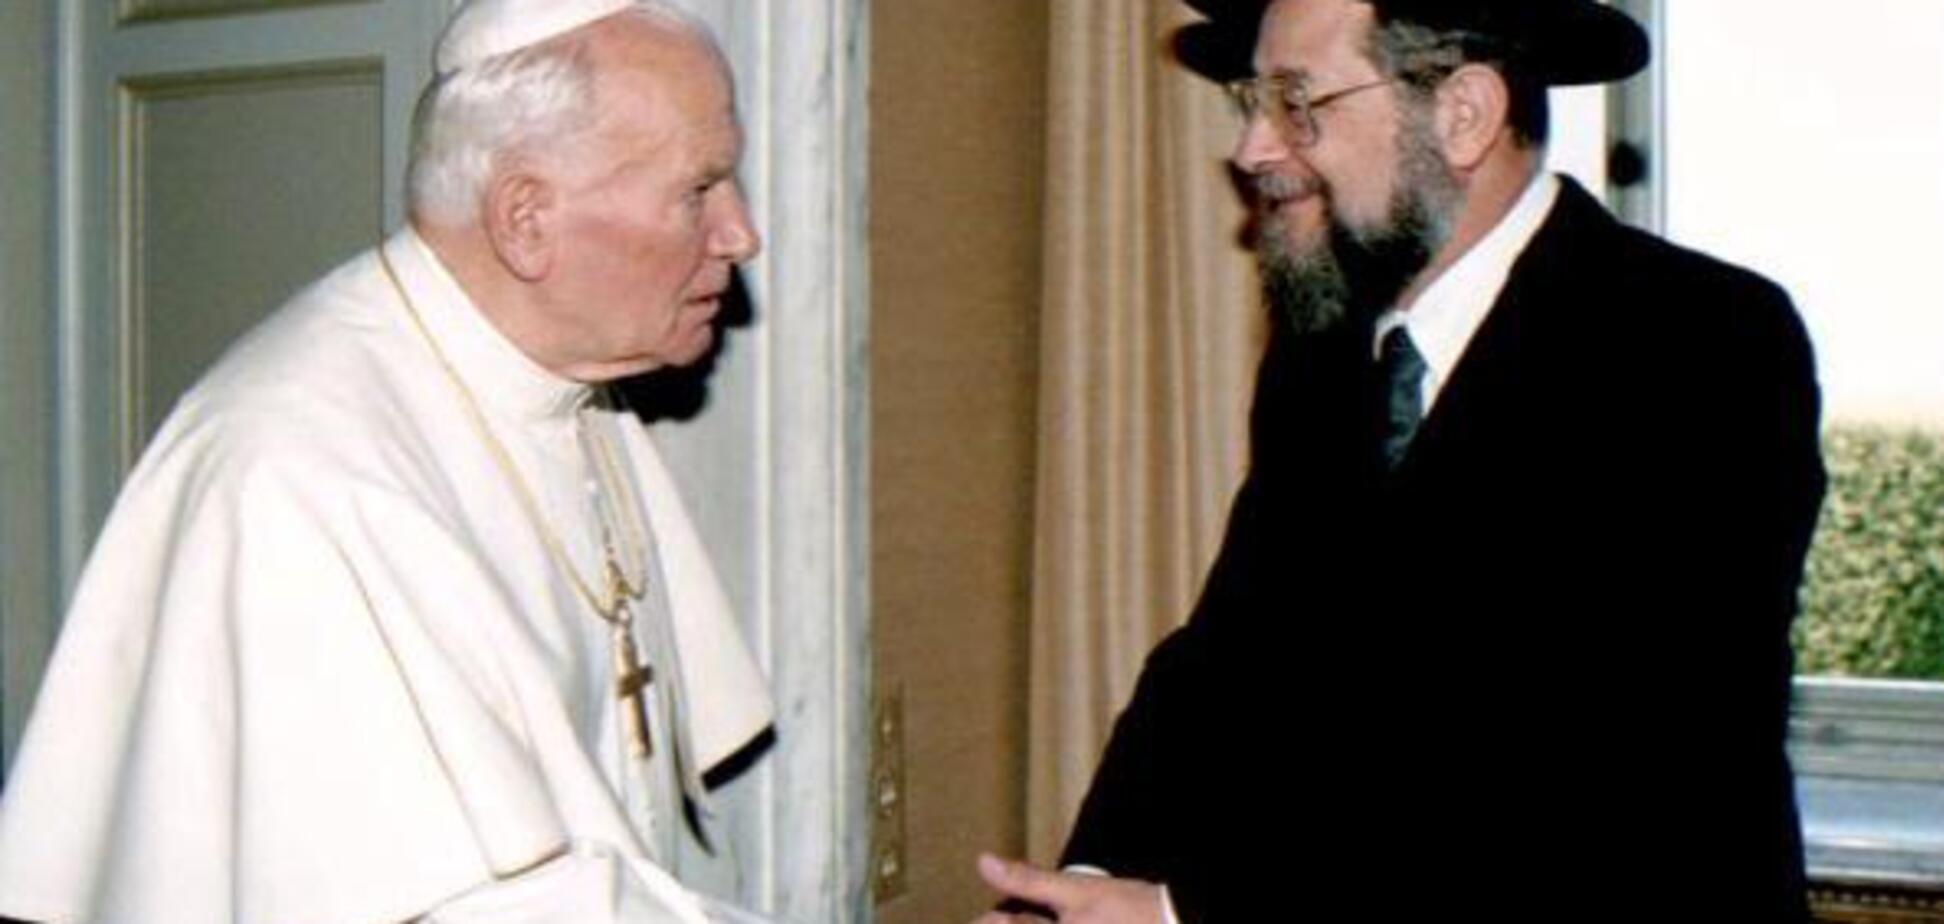 'Папа римский даже знал моего дедушку': история о временах Холокоста